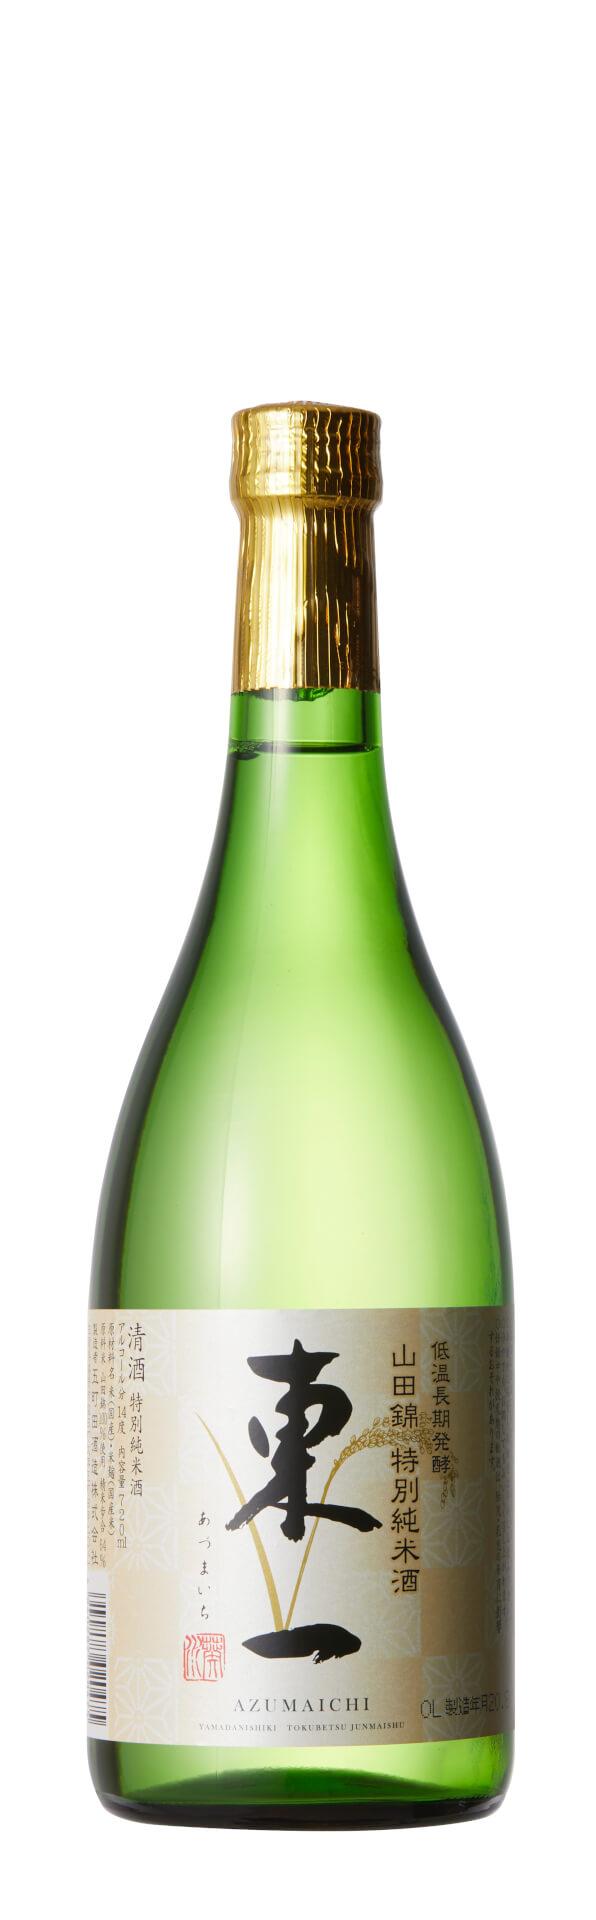 佐賀県×atmosのコラボコレクション『SAGA SAKE COLLECTION』が販売決定!オリジナルグッズや限定ラベルの日本酒なども culture2020917-atoms5